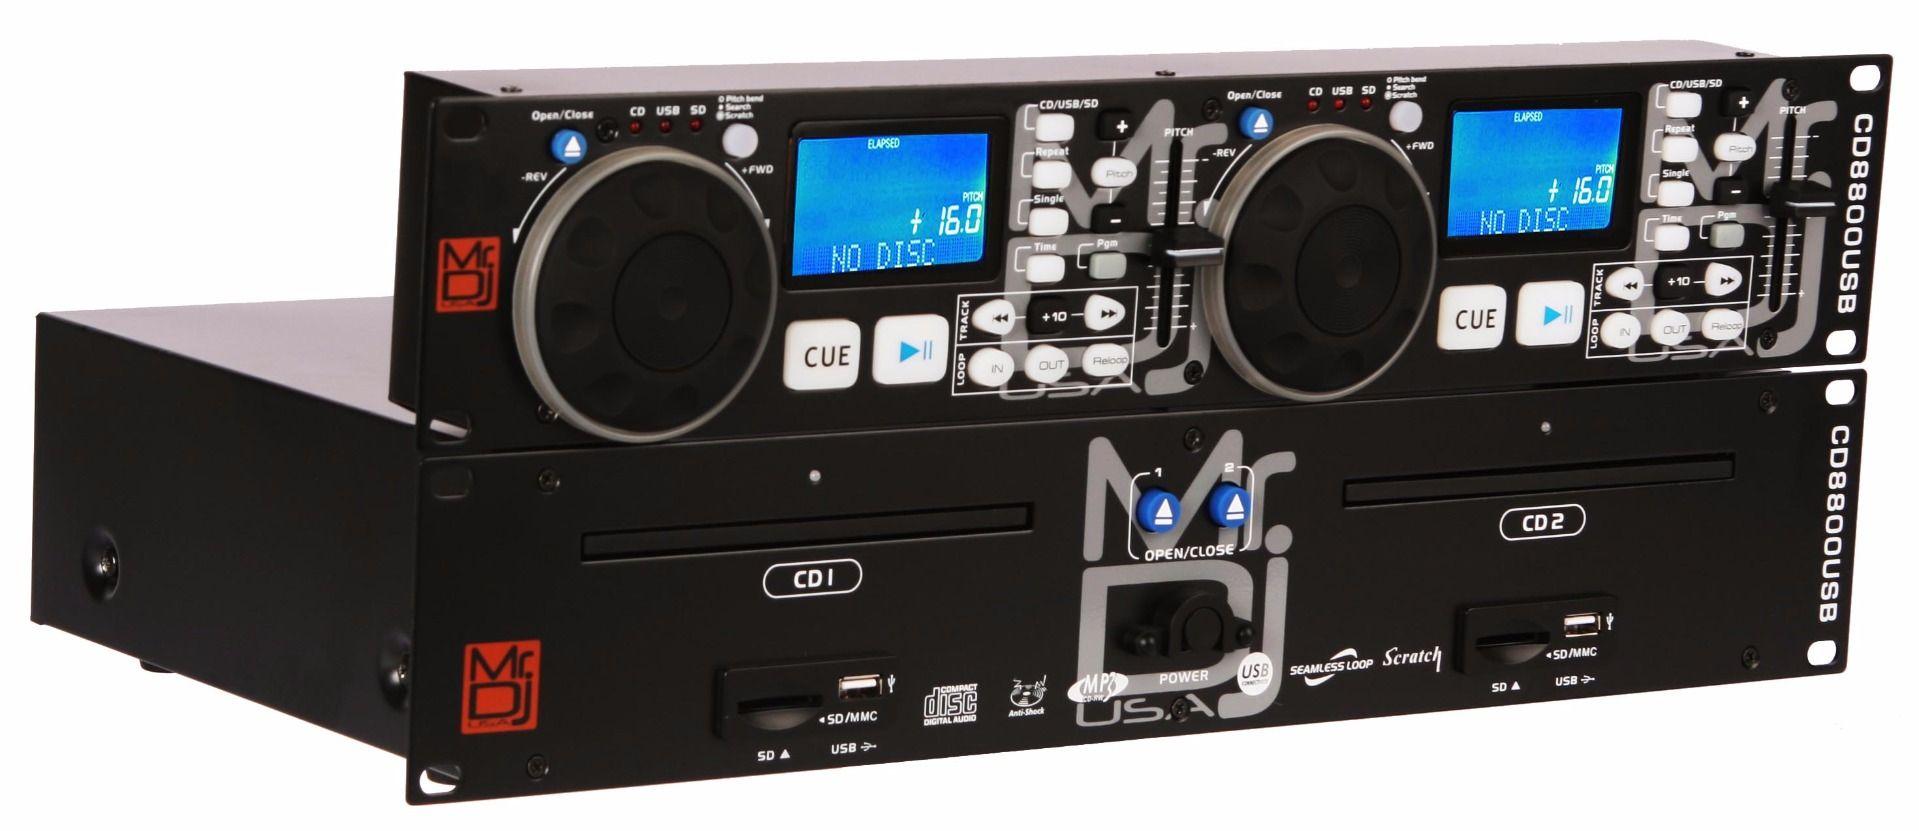 Mr. Dj CD8800USB Multi-Disc DJ CD Player by MR. DJ